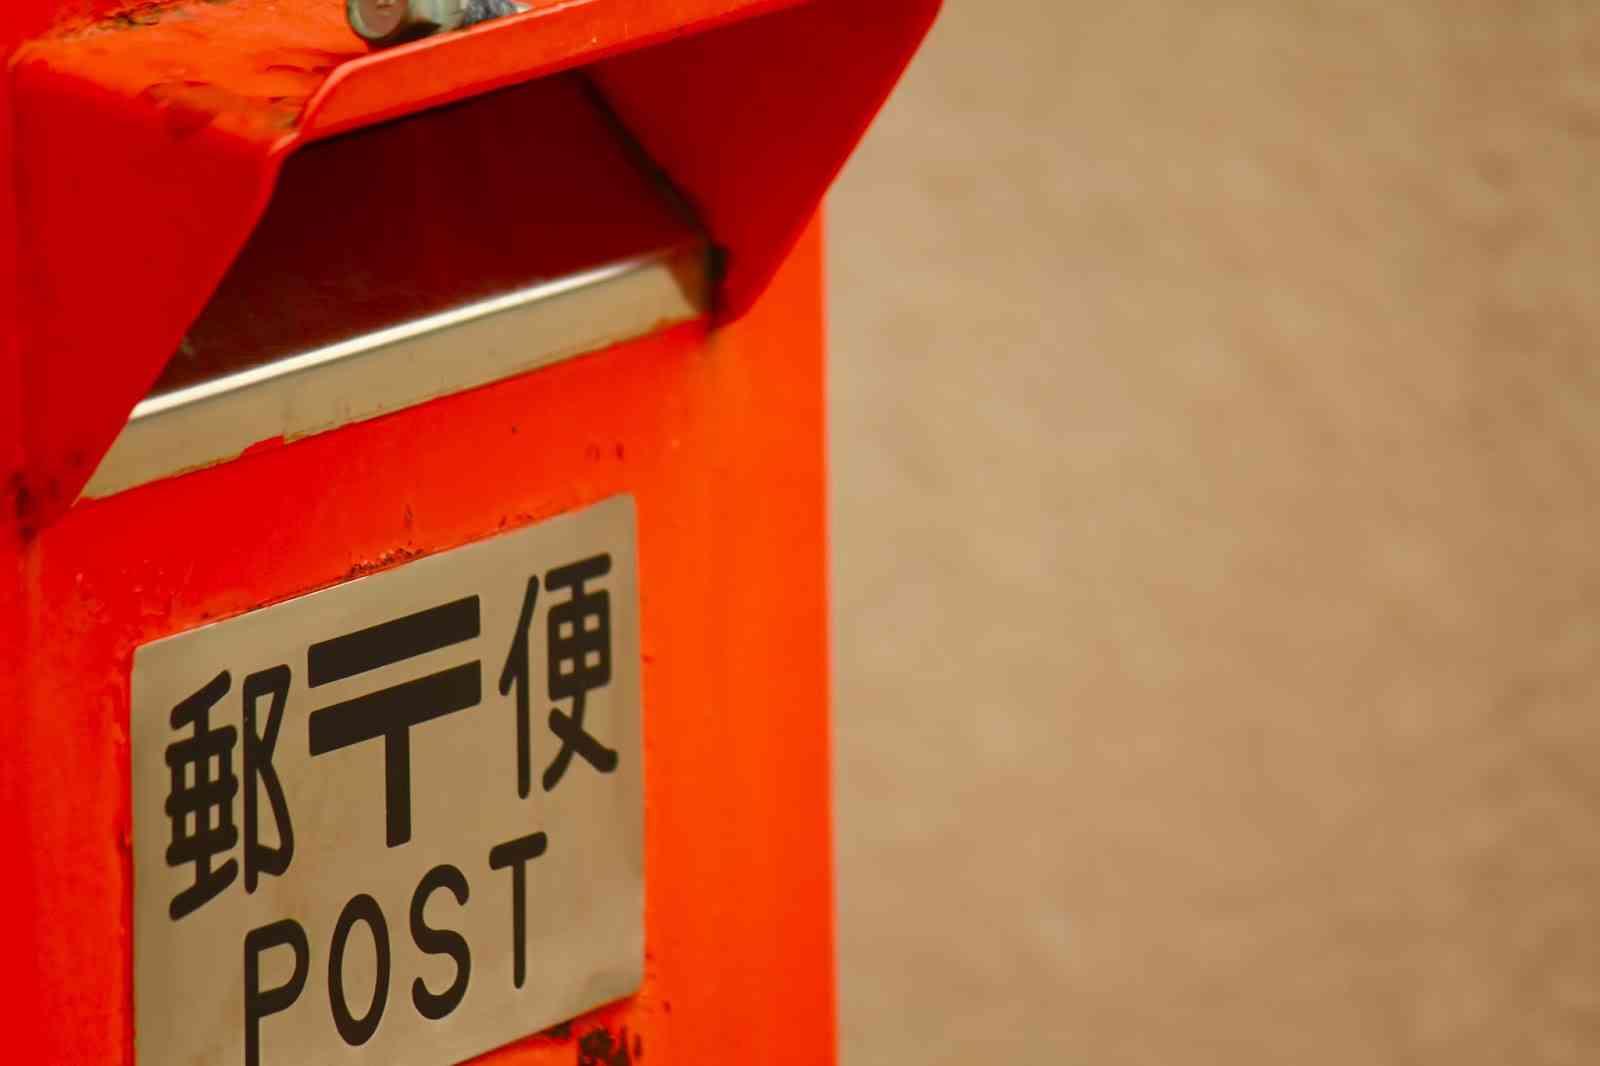 【広島】郵便物222通を配達せず海に投げ捨てる…元アルバイトの男を逮捕